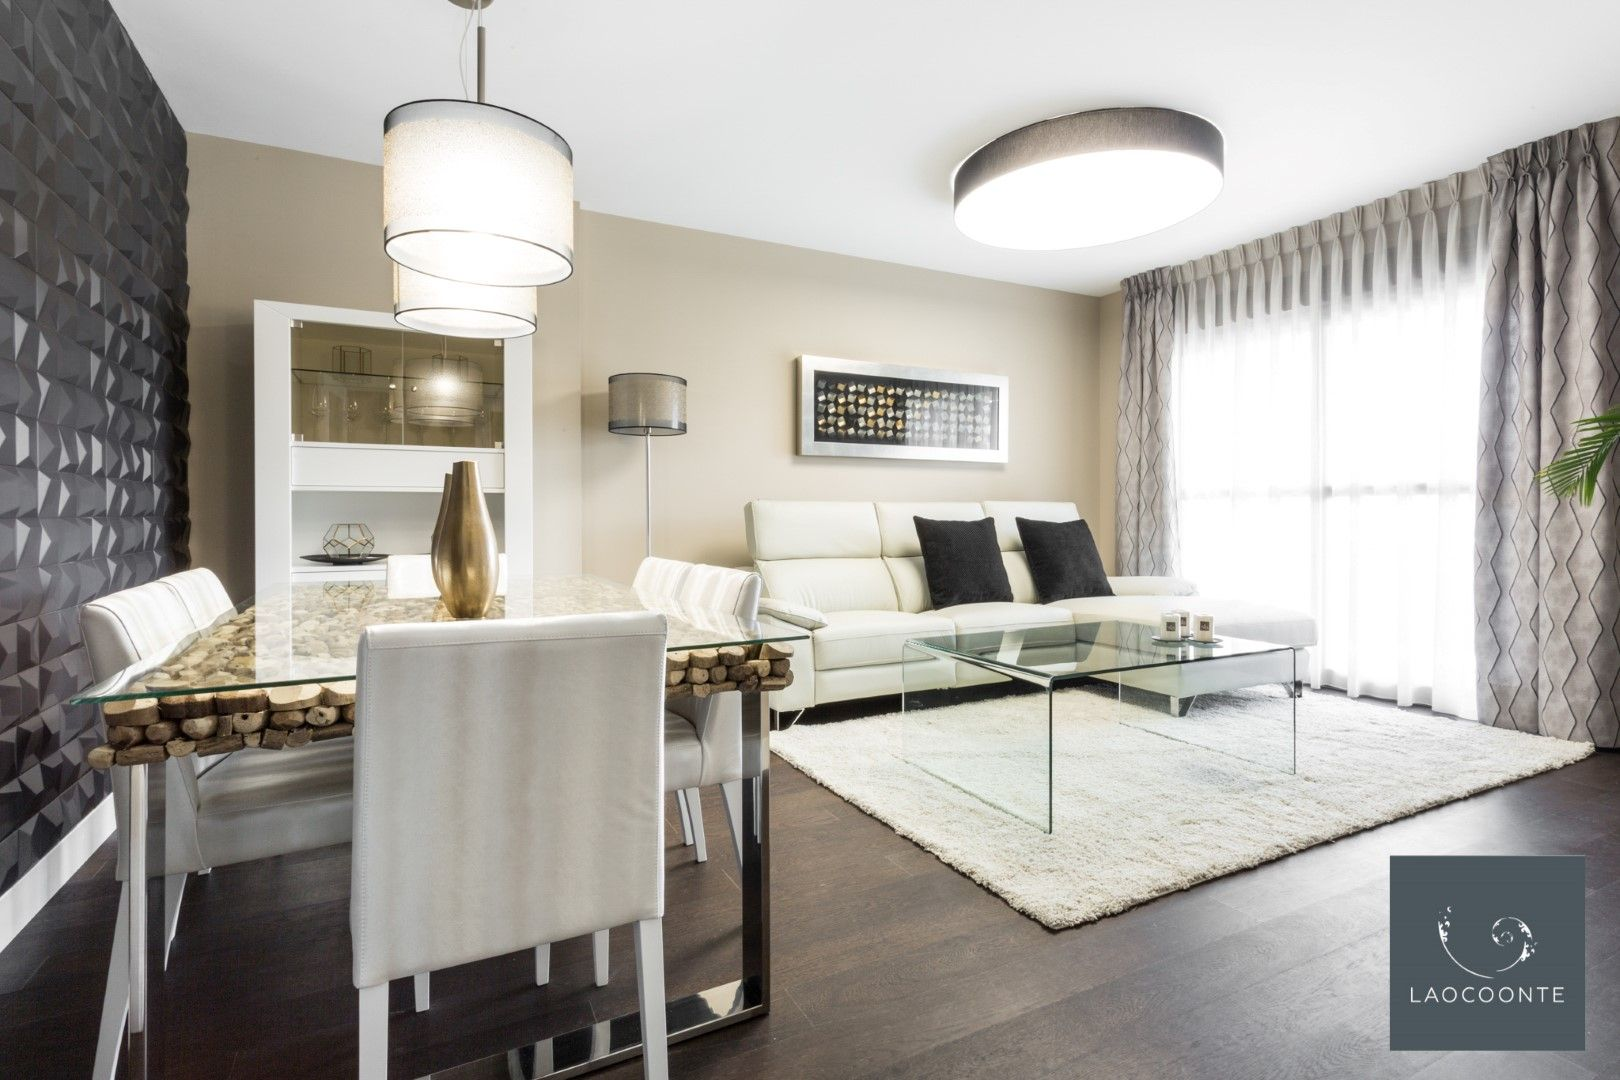 La decoraci n del hogar influye en la calidad de vida for Decoracion del hogar barranquilla